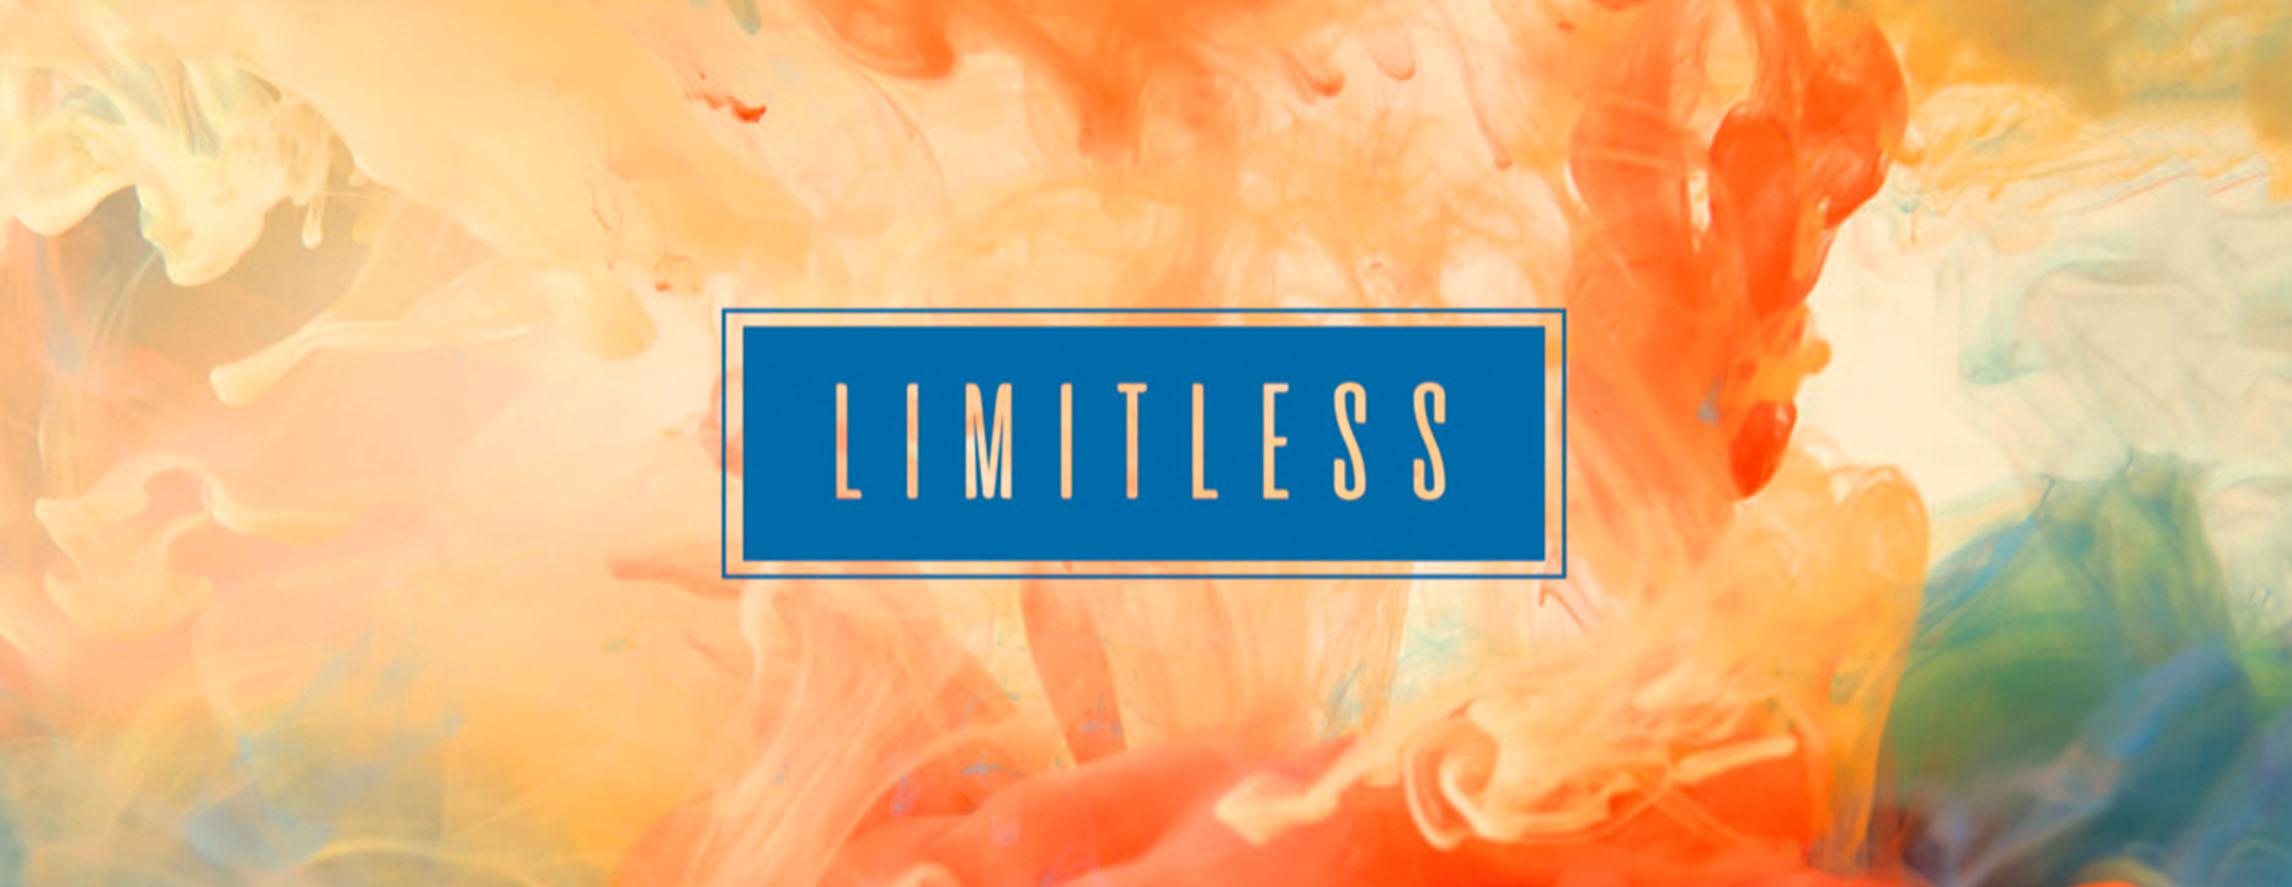 limitless web banner.jpg